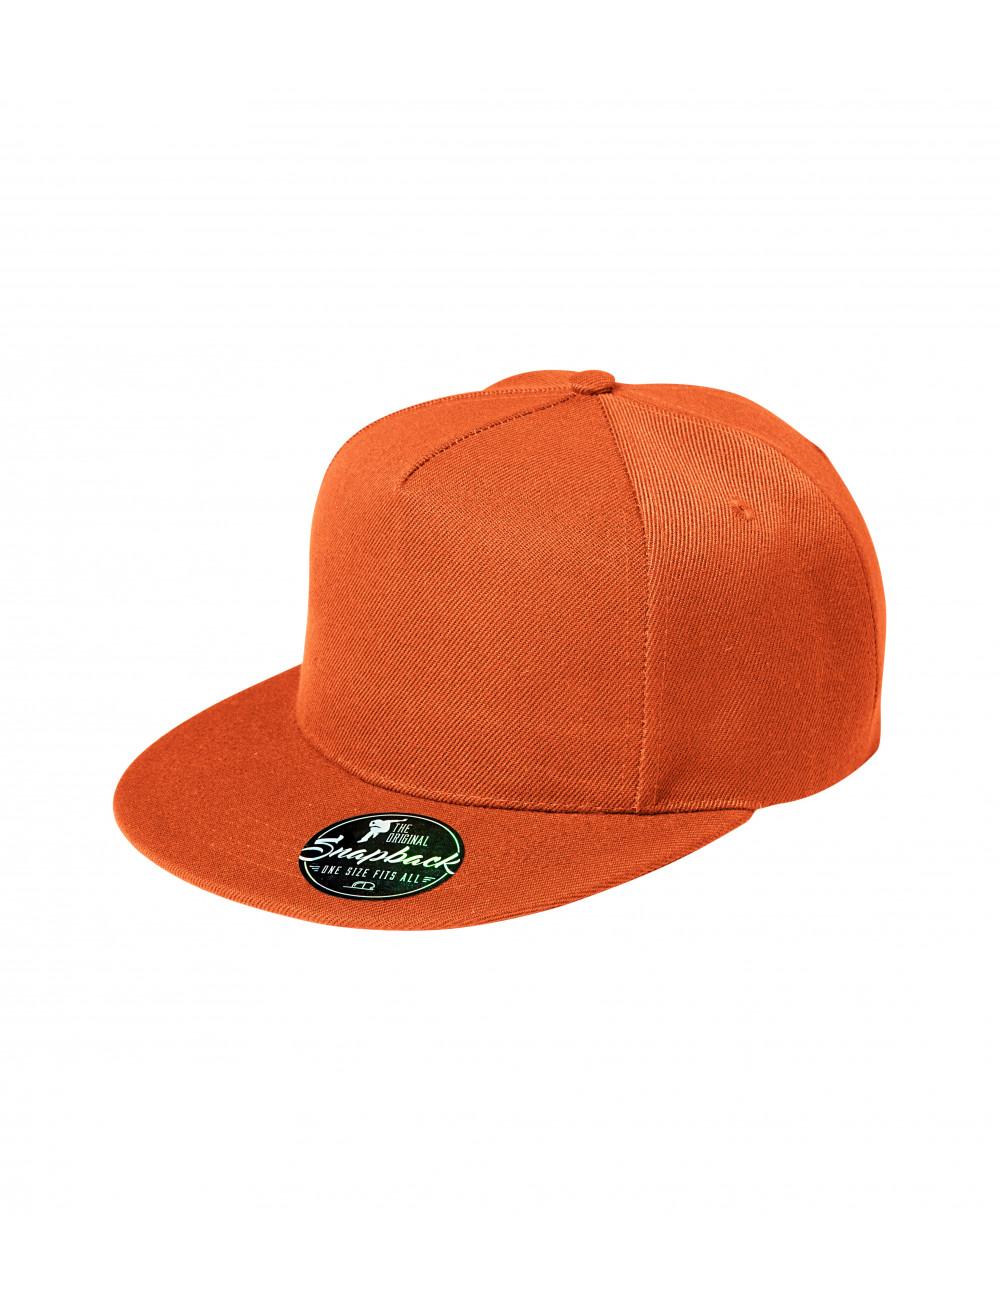 Adler MALFINI Czapka unisex Rap 5P 301 pomarańczowy